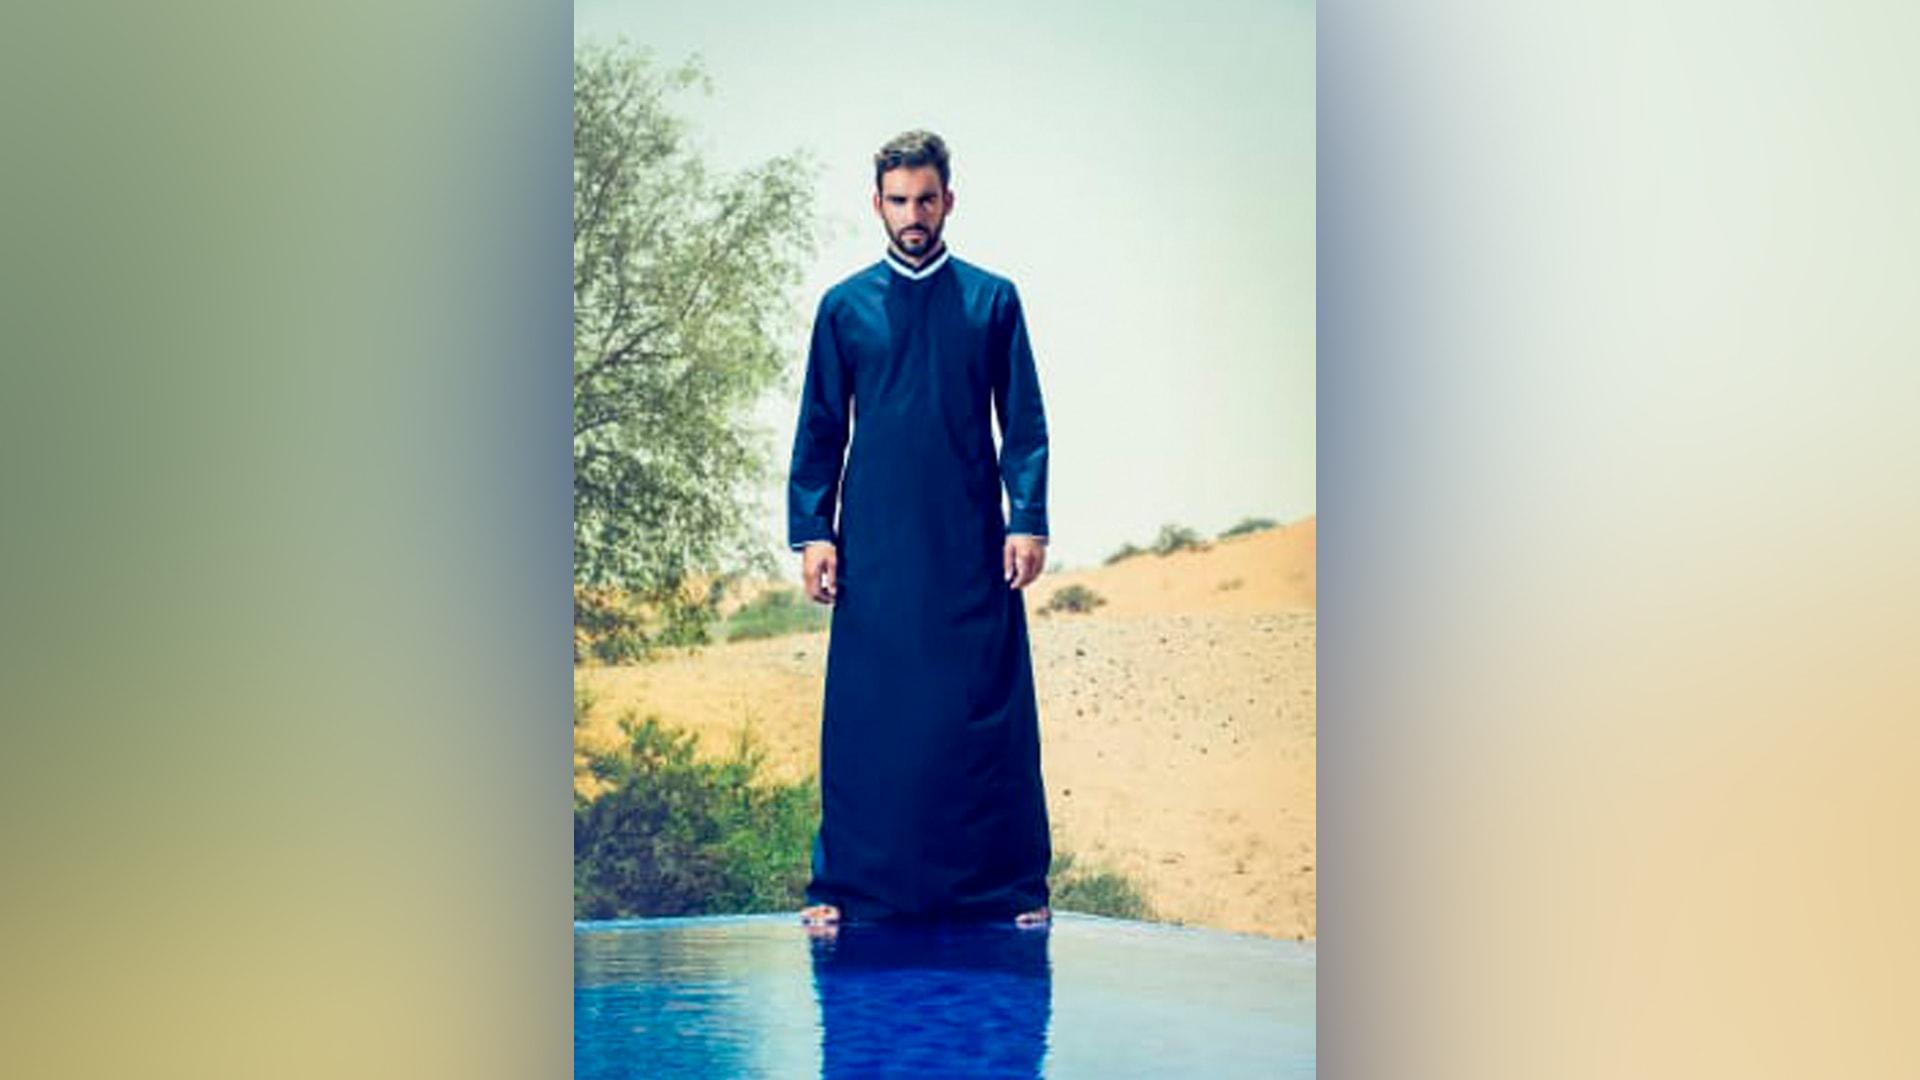 الثوب السعودي للرجال بحلة جديدة..هل يعجبكم؟